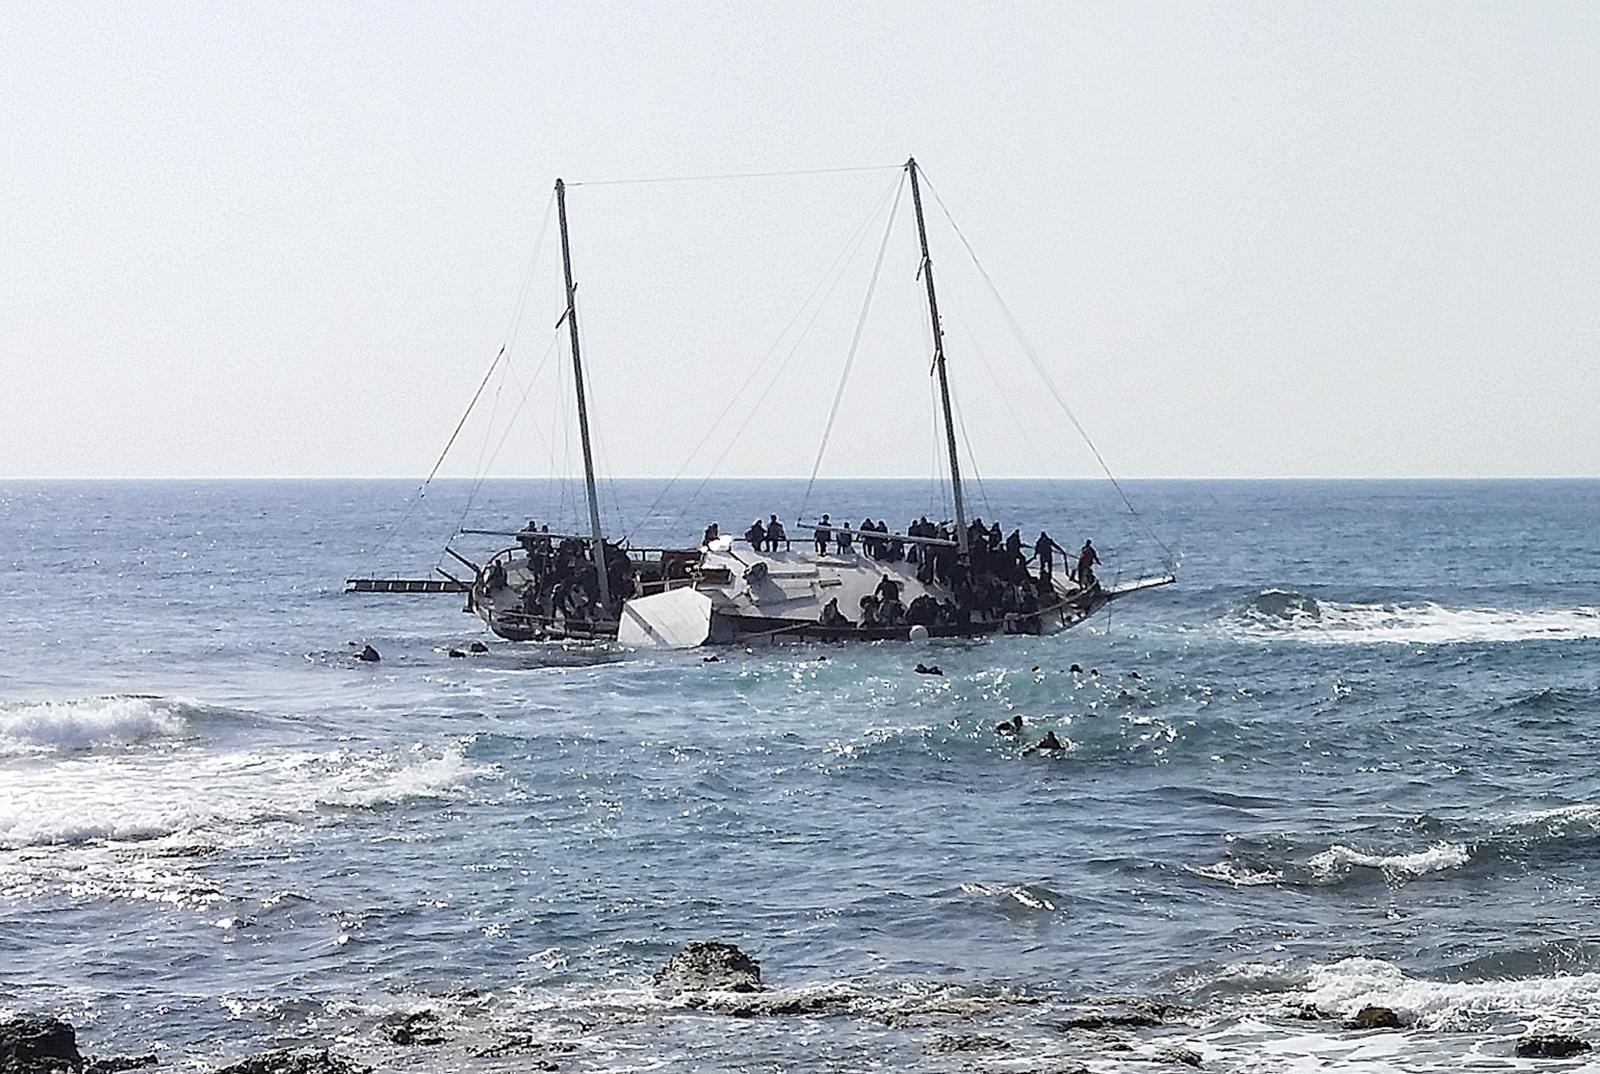 Mediterranean boa tragedy